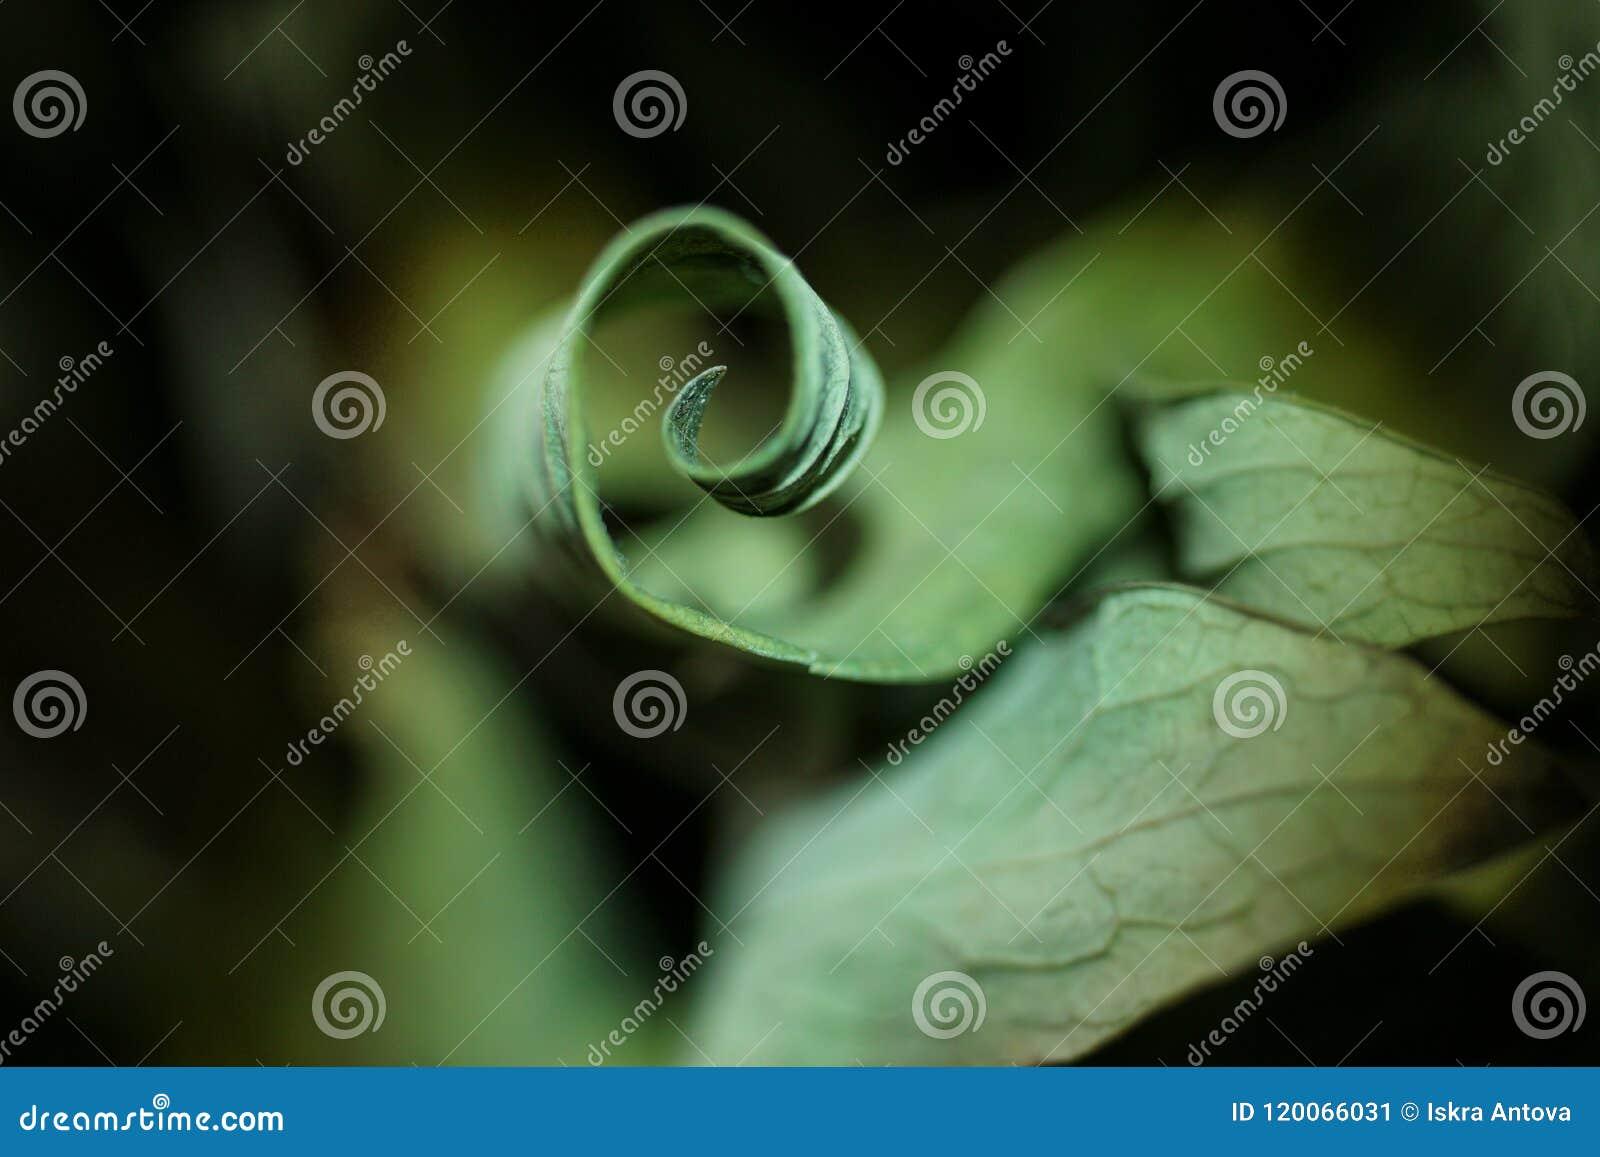 Wysuszony liść fryzujący jak spirala zamknięty zamknięta natura